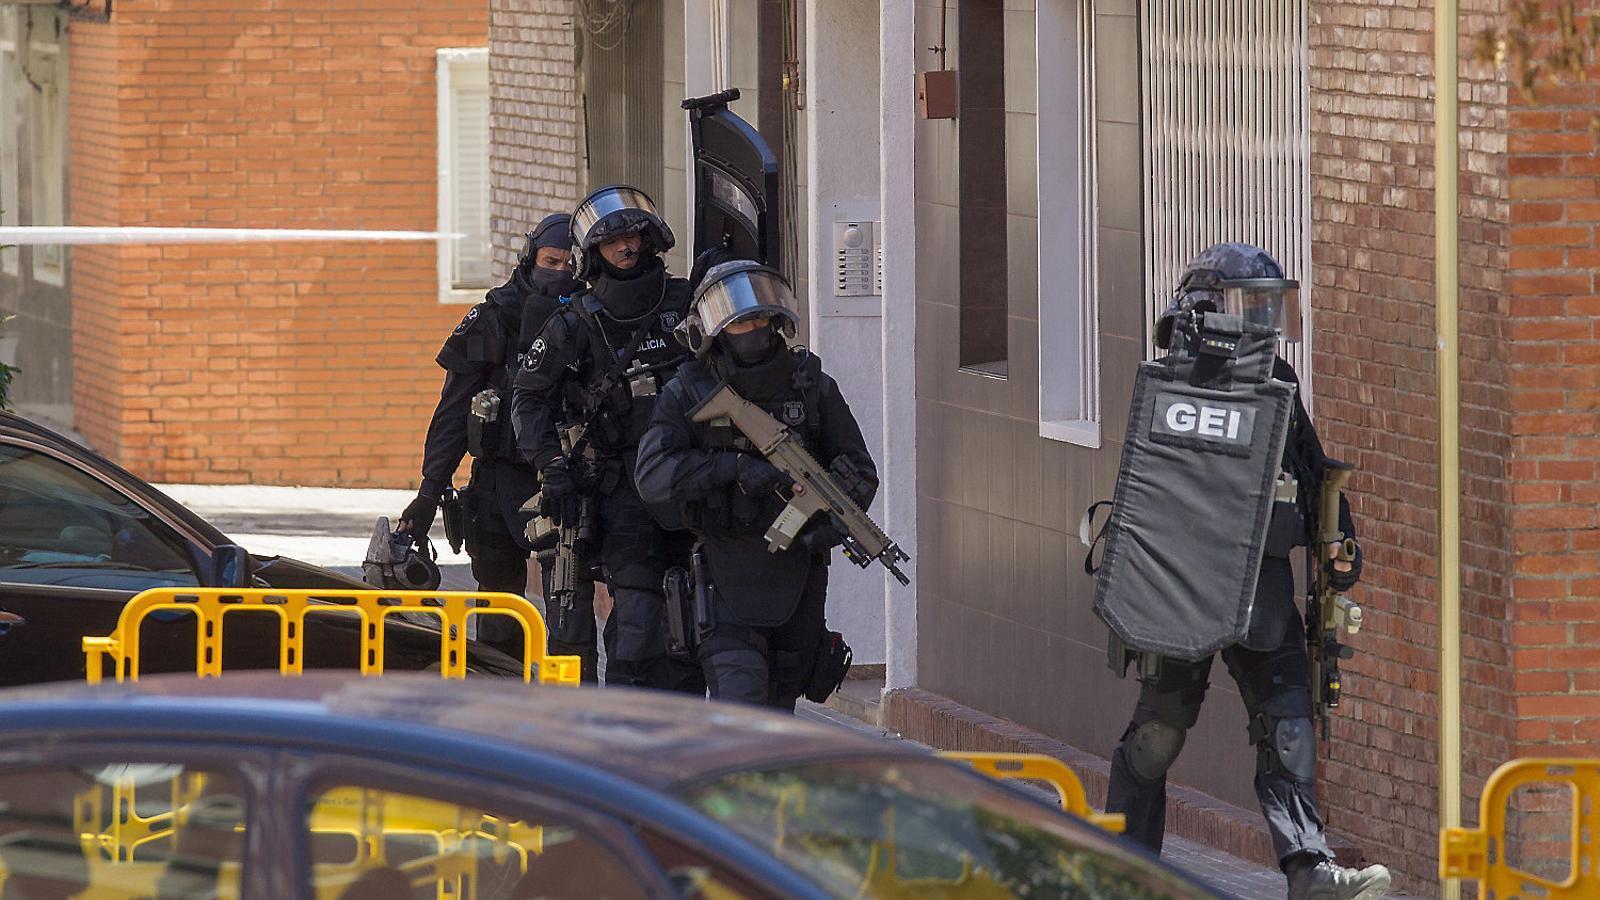 """Els Mossos insisteixen a parlar d'""""atac terrorista aïllat"""" mentre investiguen les motivacions de l'home abatut"""